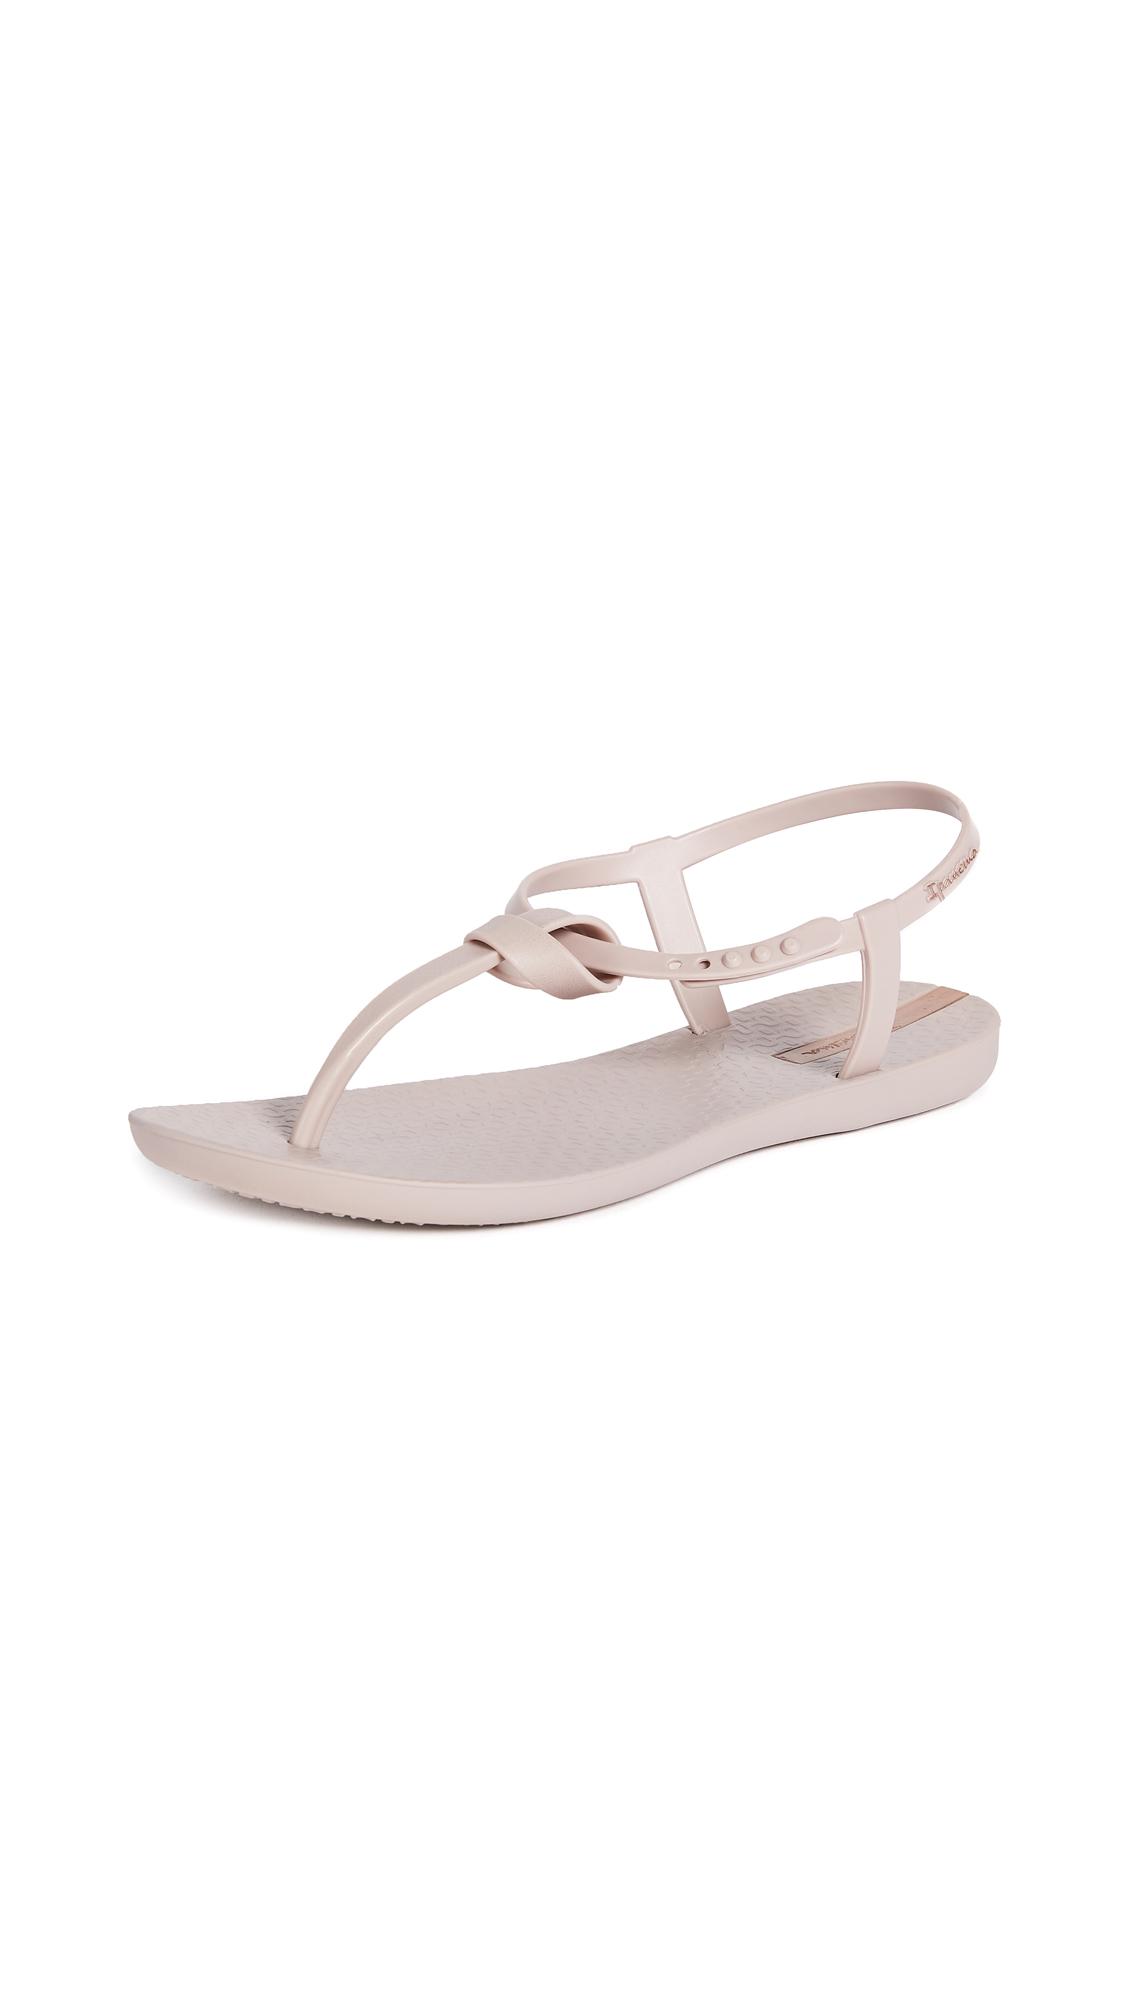 Ipanema Ellie T-Strap Sandals - Beige/Beige